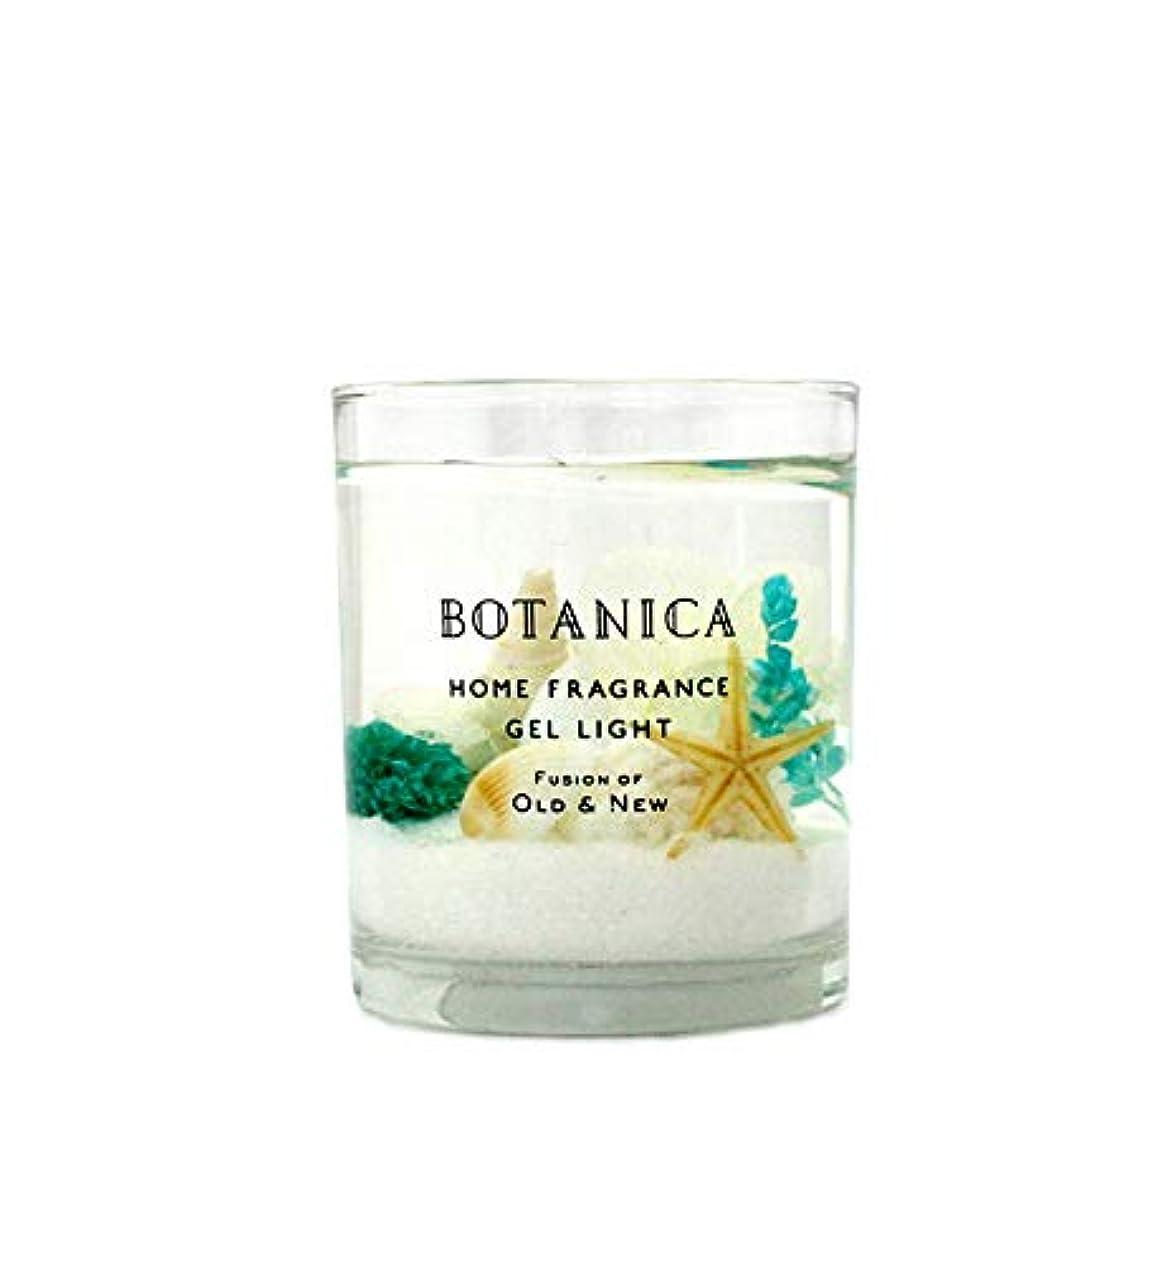 批判居眠りする構想するBOTANICA ハーバリウムジェルライト クラリティーシェル Herbarium Gel Light Clarity Shell ボタニカ